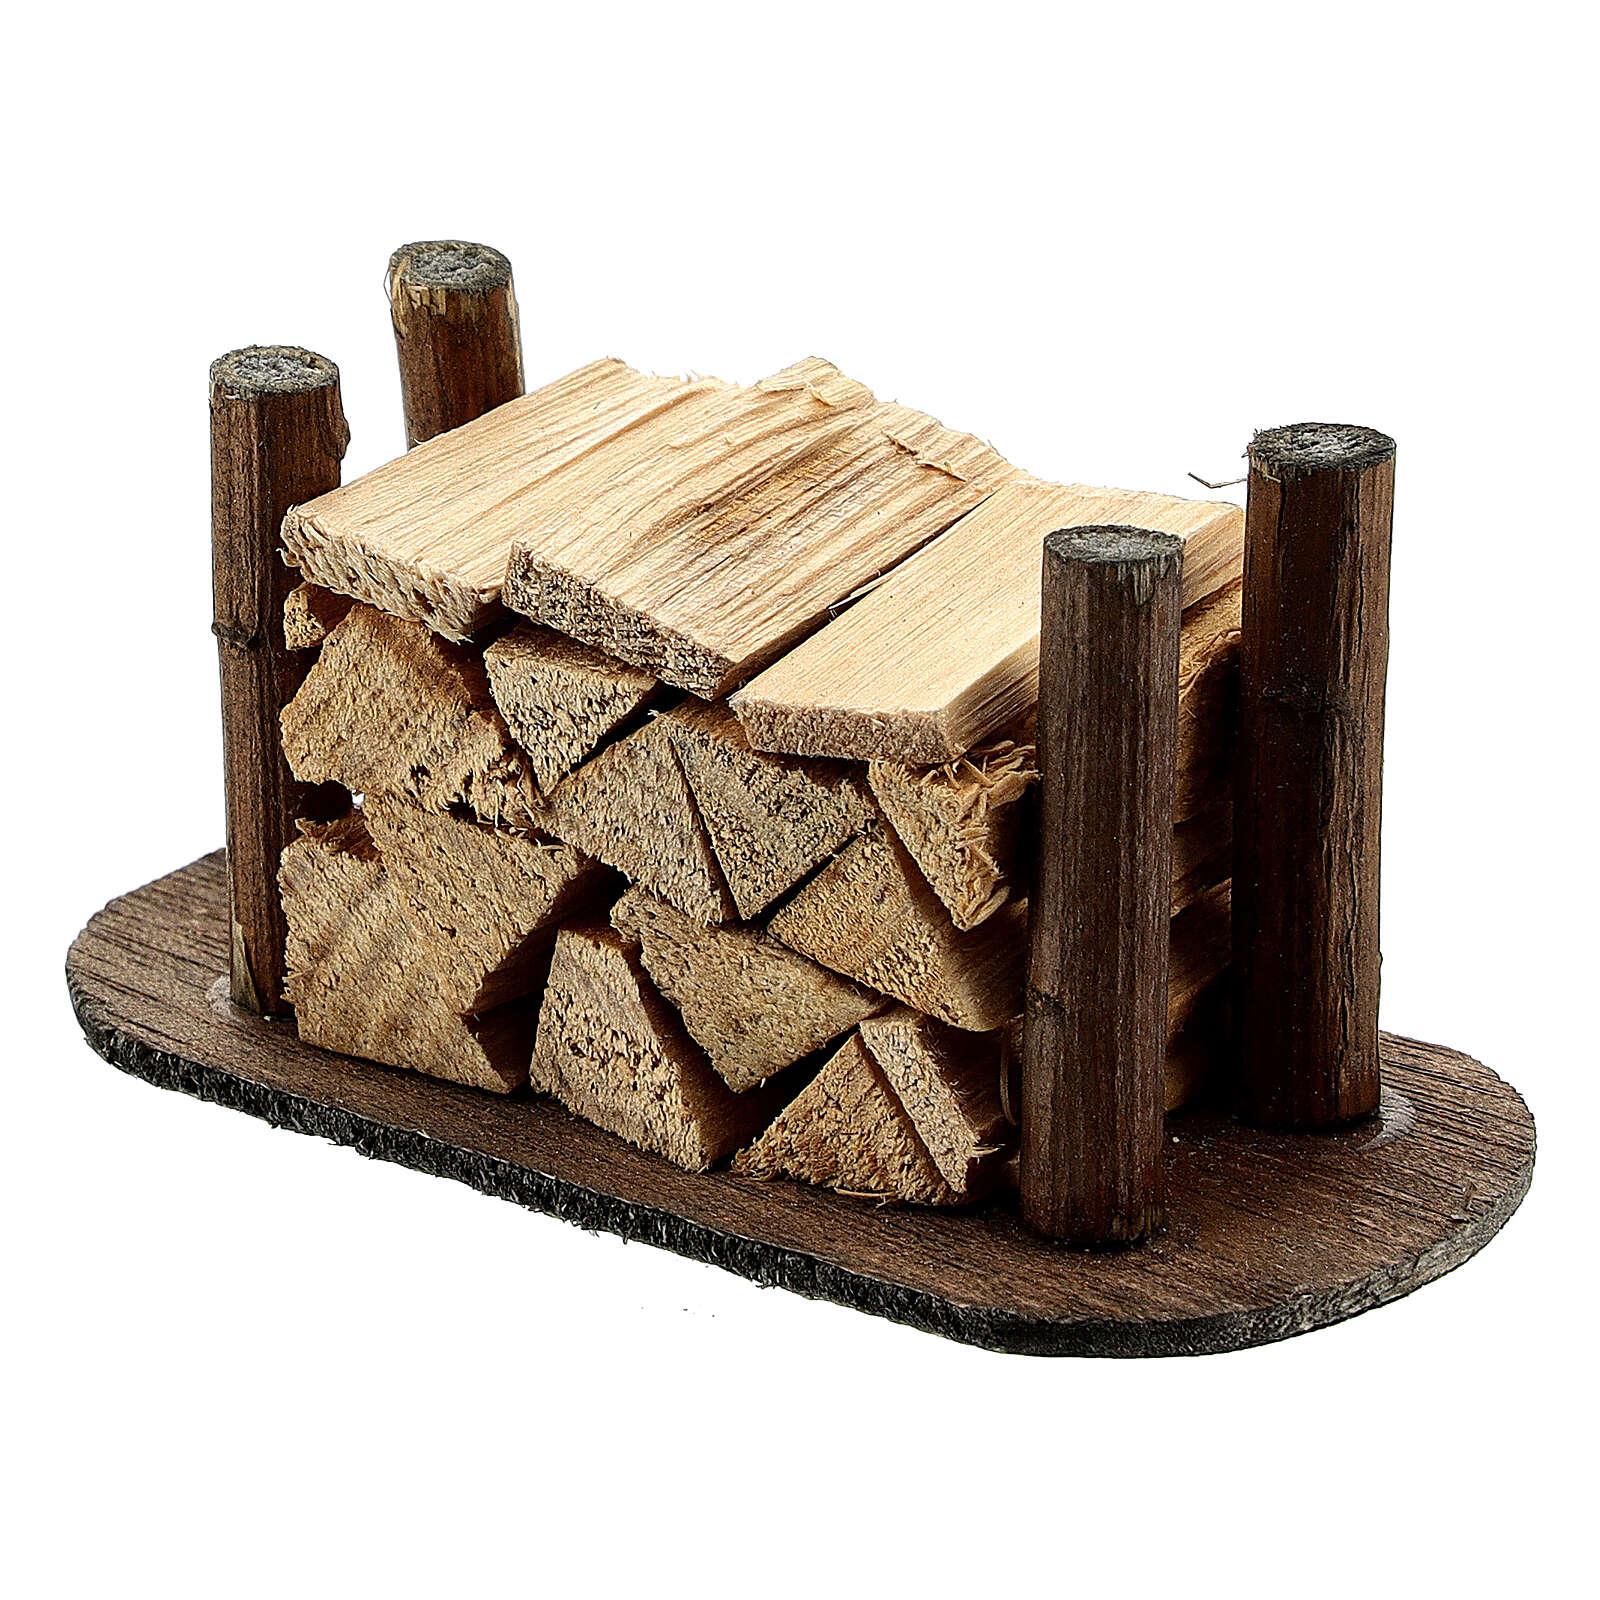 Pila de madera cortada pesebre hecho por ti 4